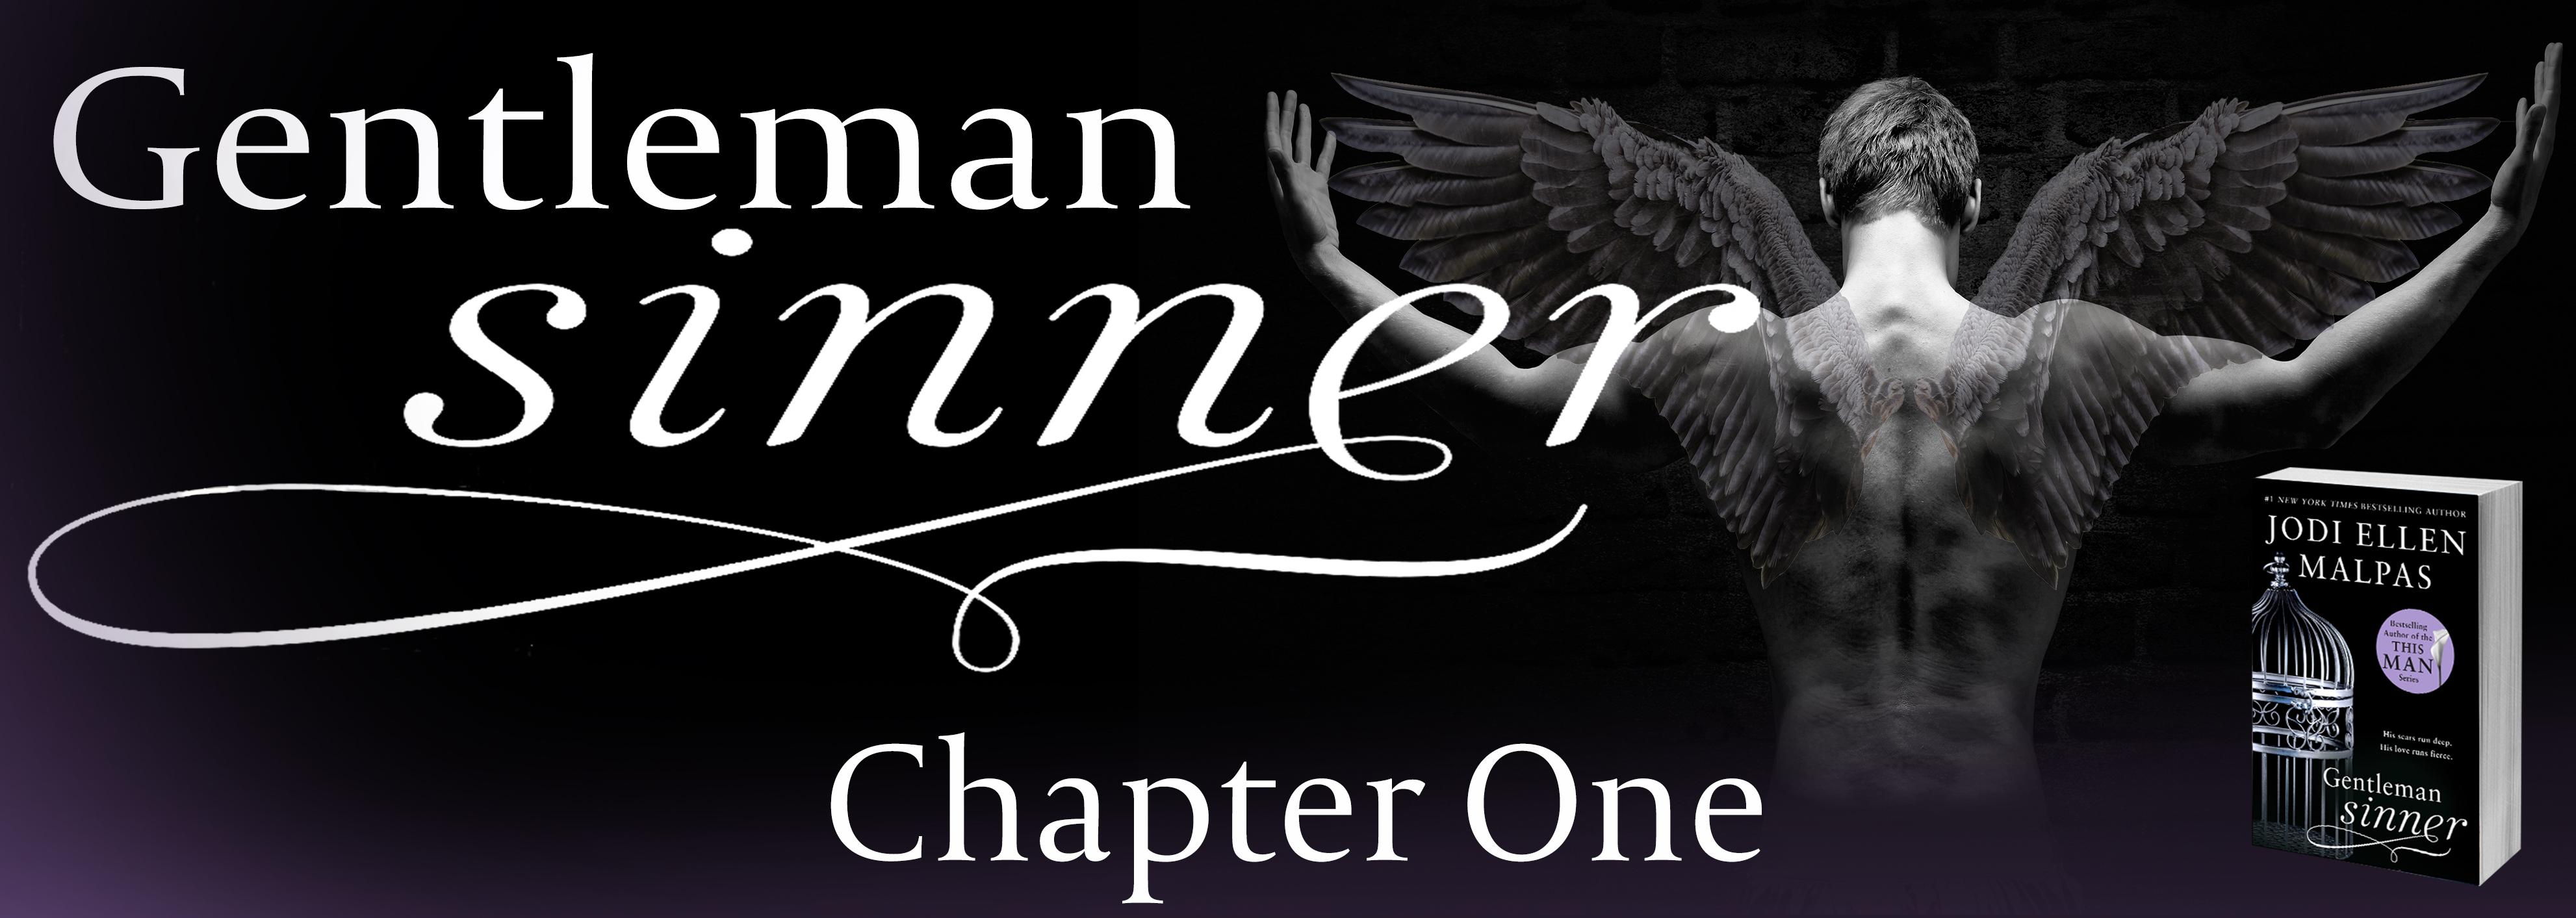 Gentleman Sinner - Chapter One - Jodi Ellen Malpas